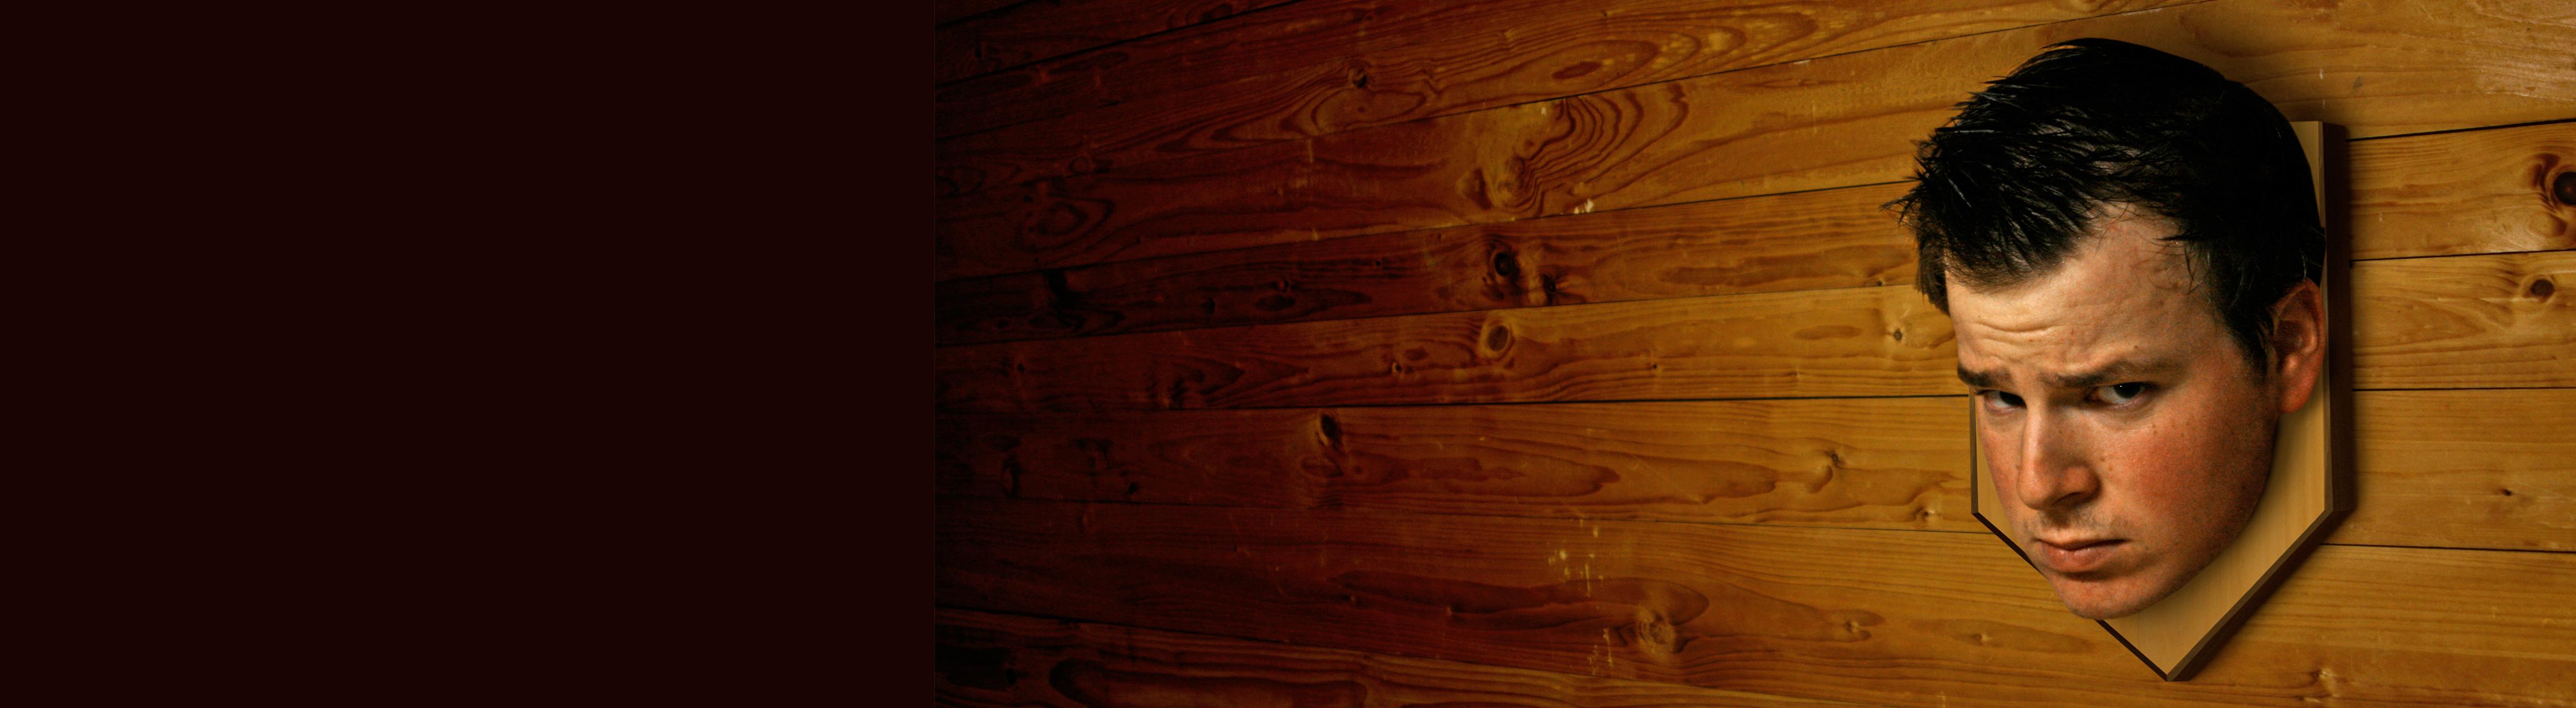 An einer Holzwand hängt der Kopf eines Mannes, ähnlich einer Trophäe. Der Mann blickt genervt.